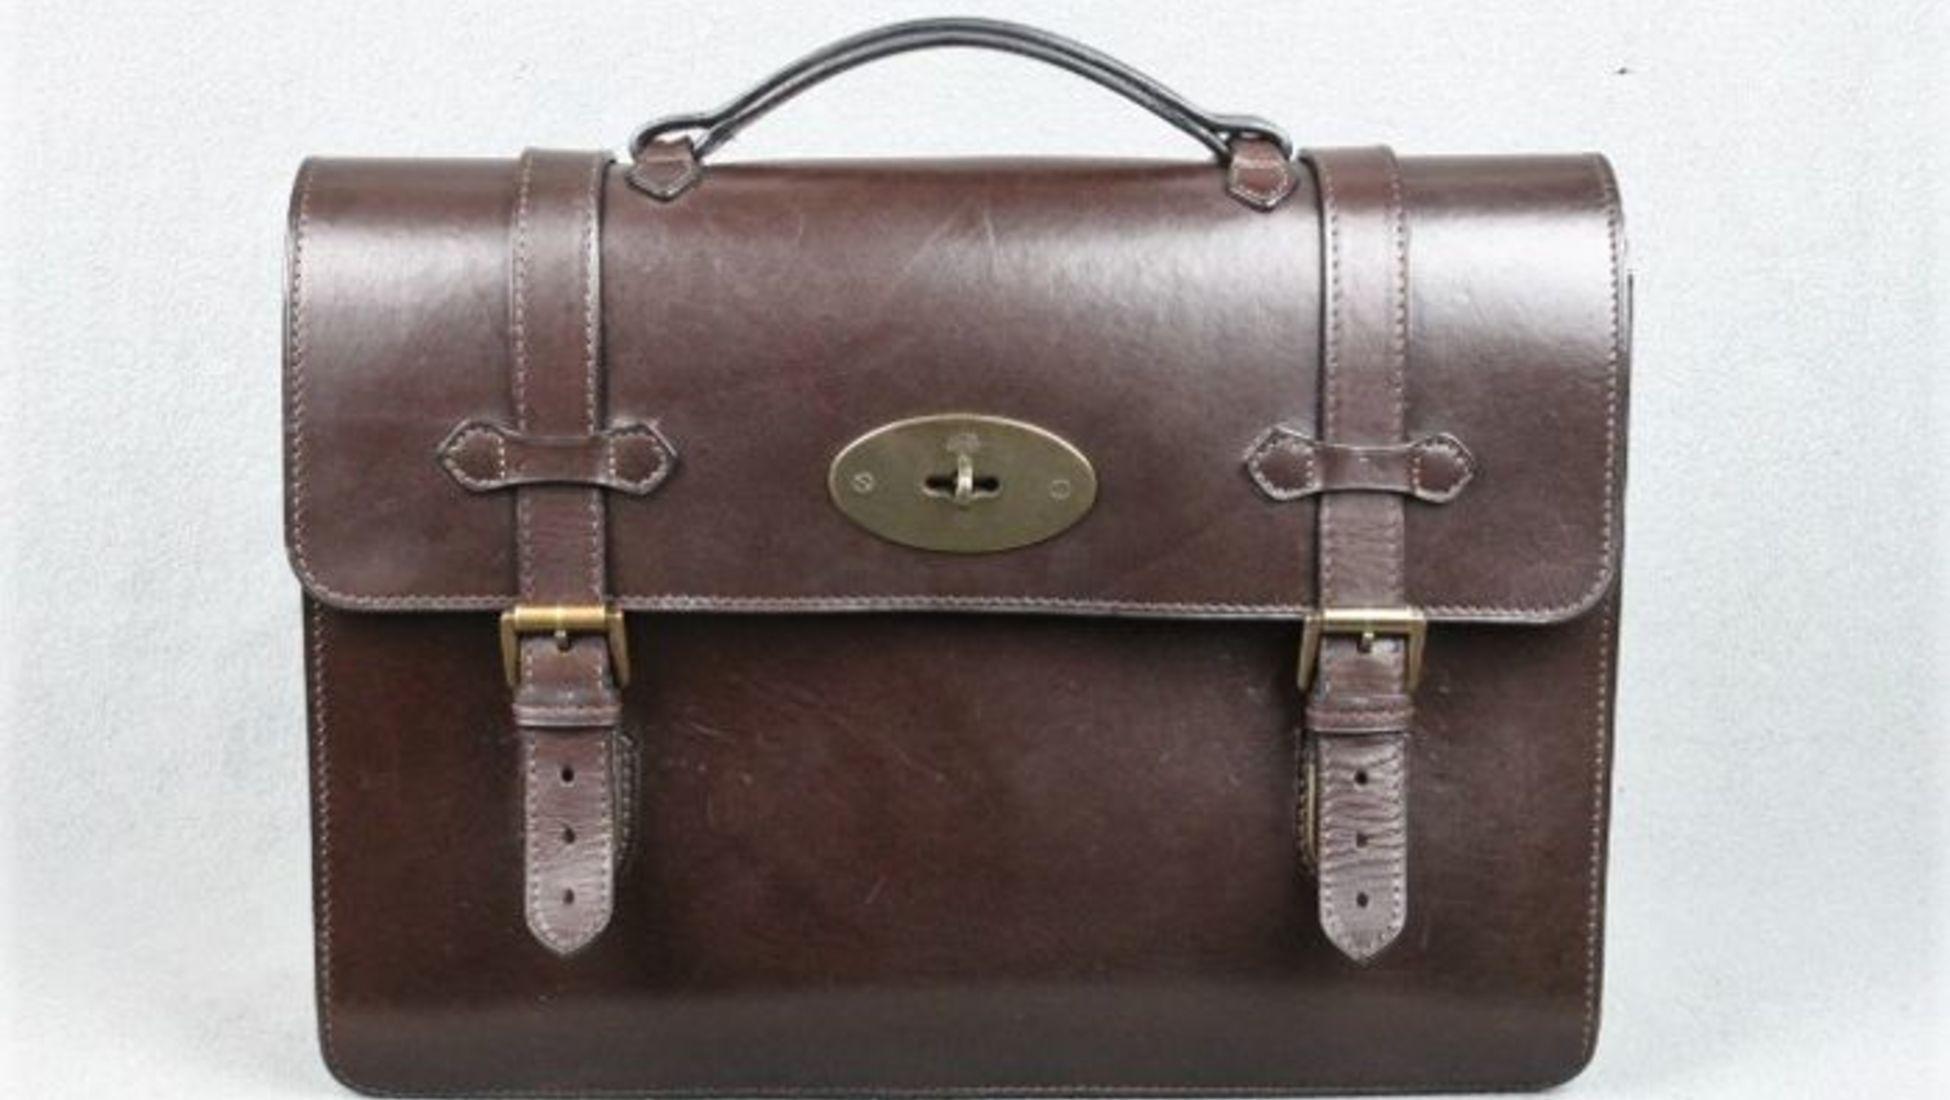 6eb43ba1cae8d 10 Vintage Reisetaschen für jede Gelegenheit - Catawiki